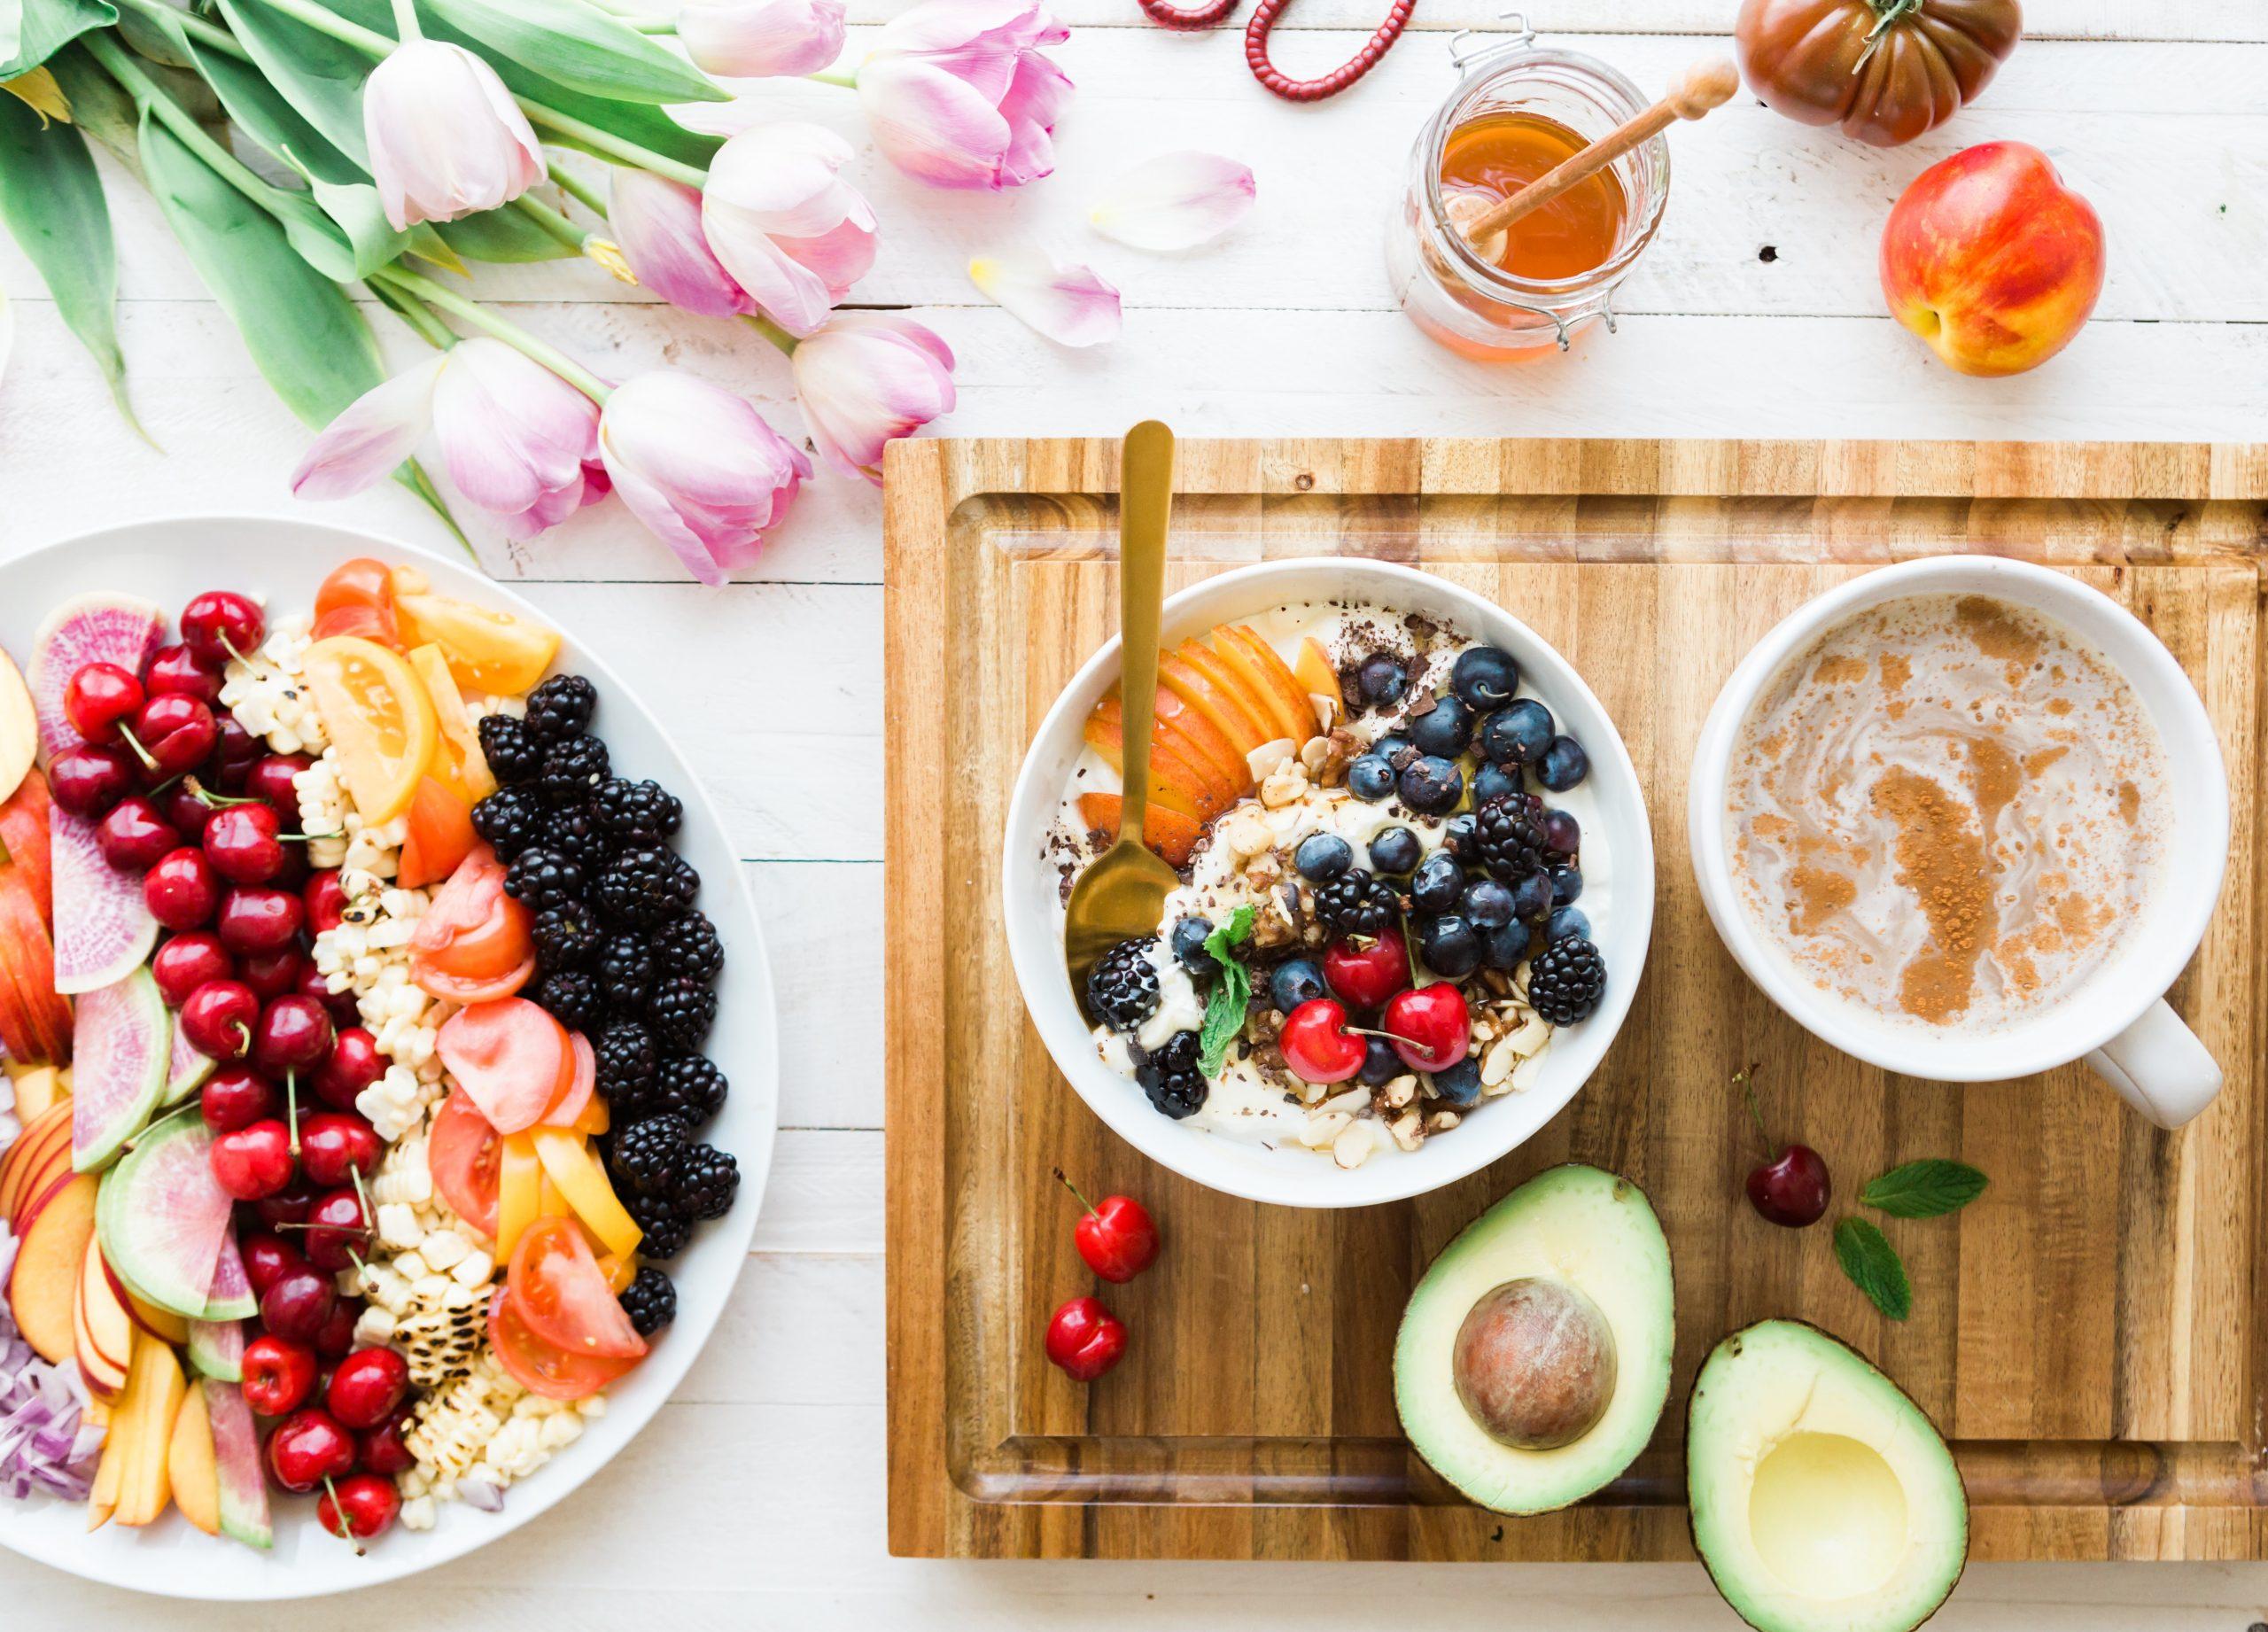 La dieta para adelgazar que apoyan los expertos se llama dieta climática.